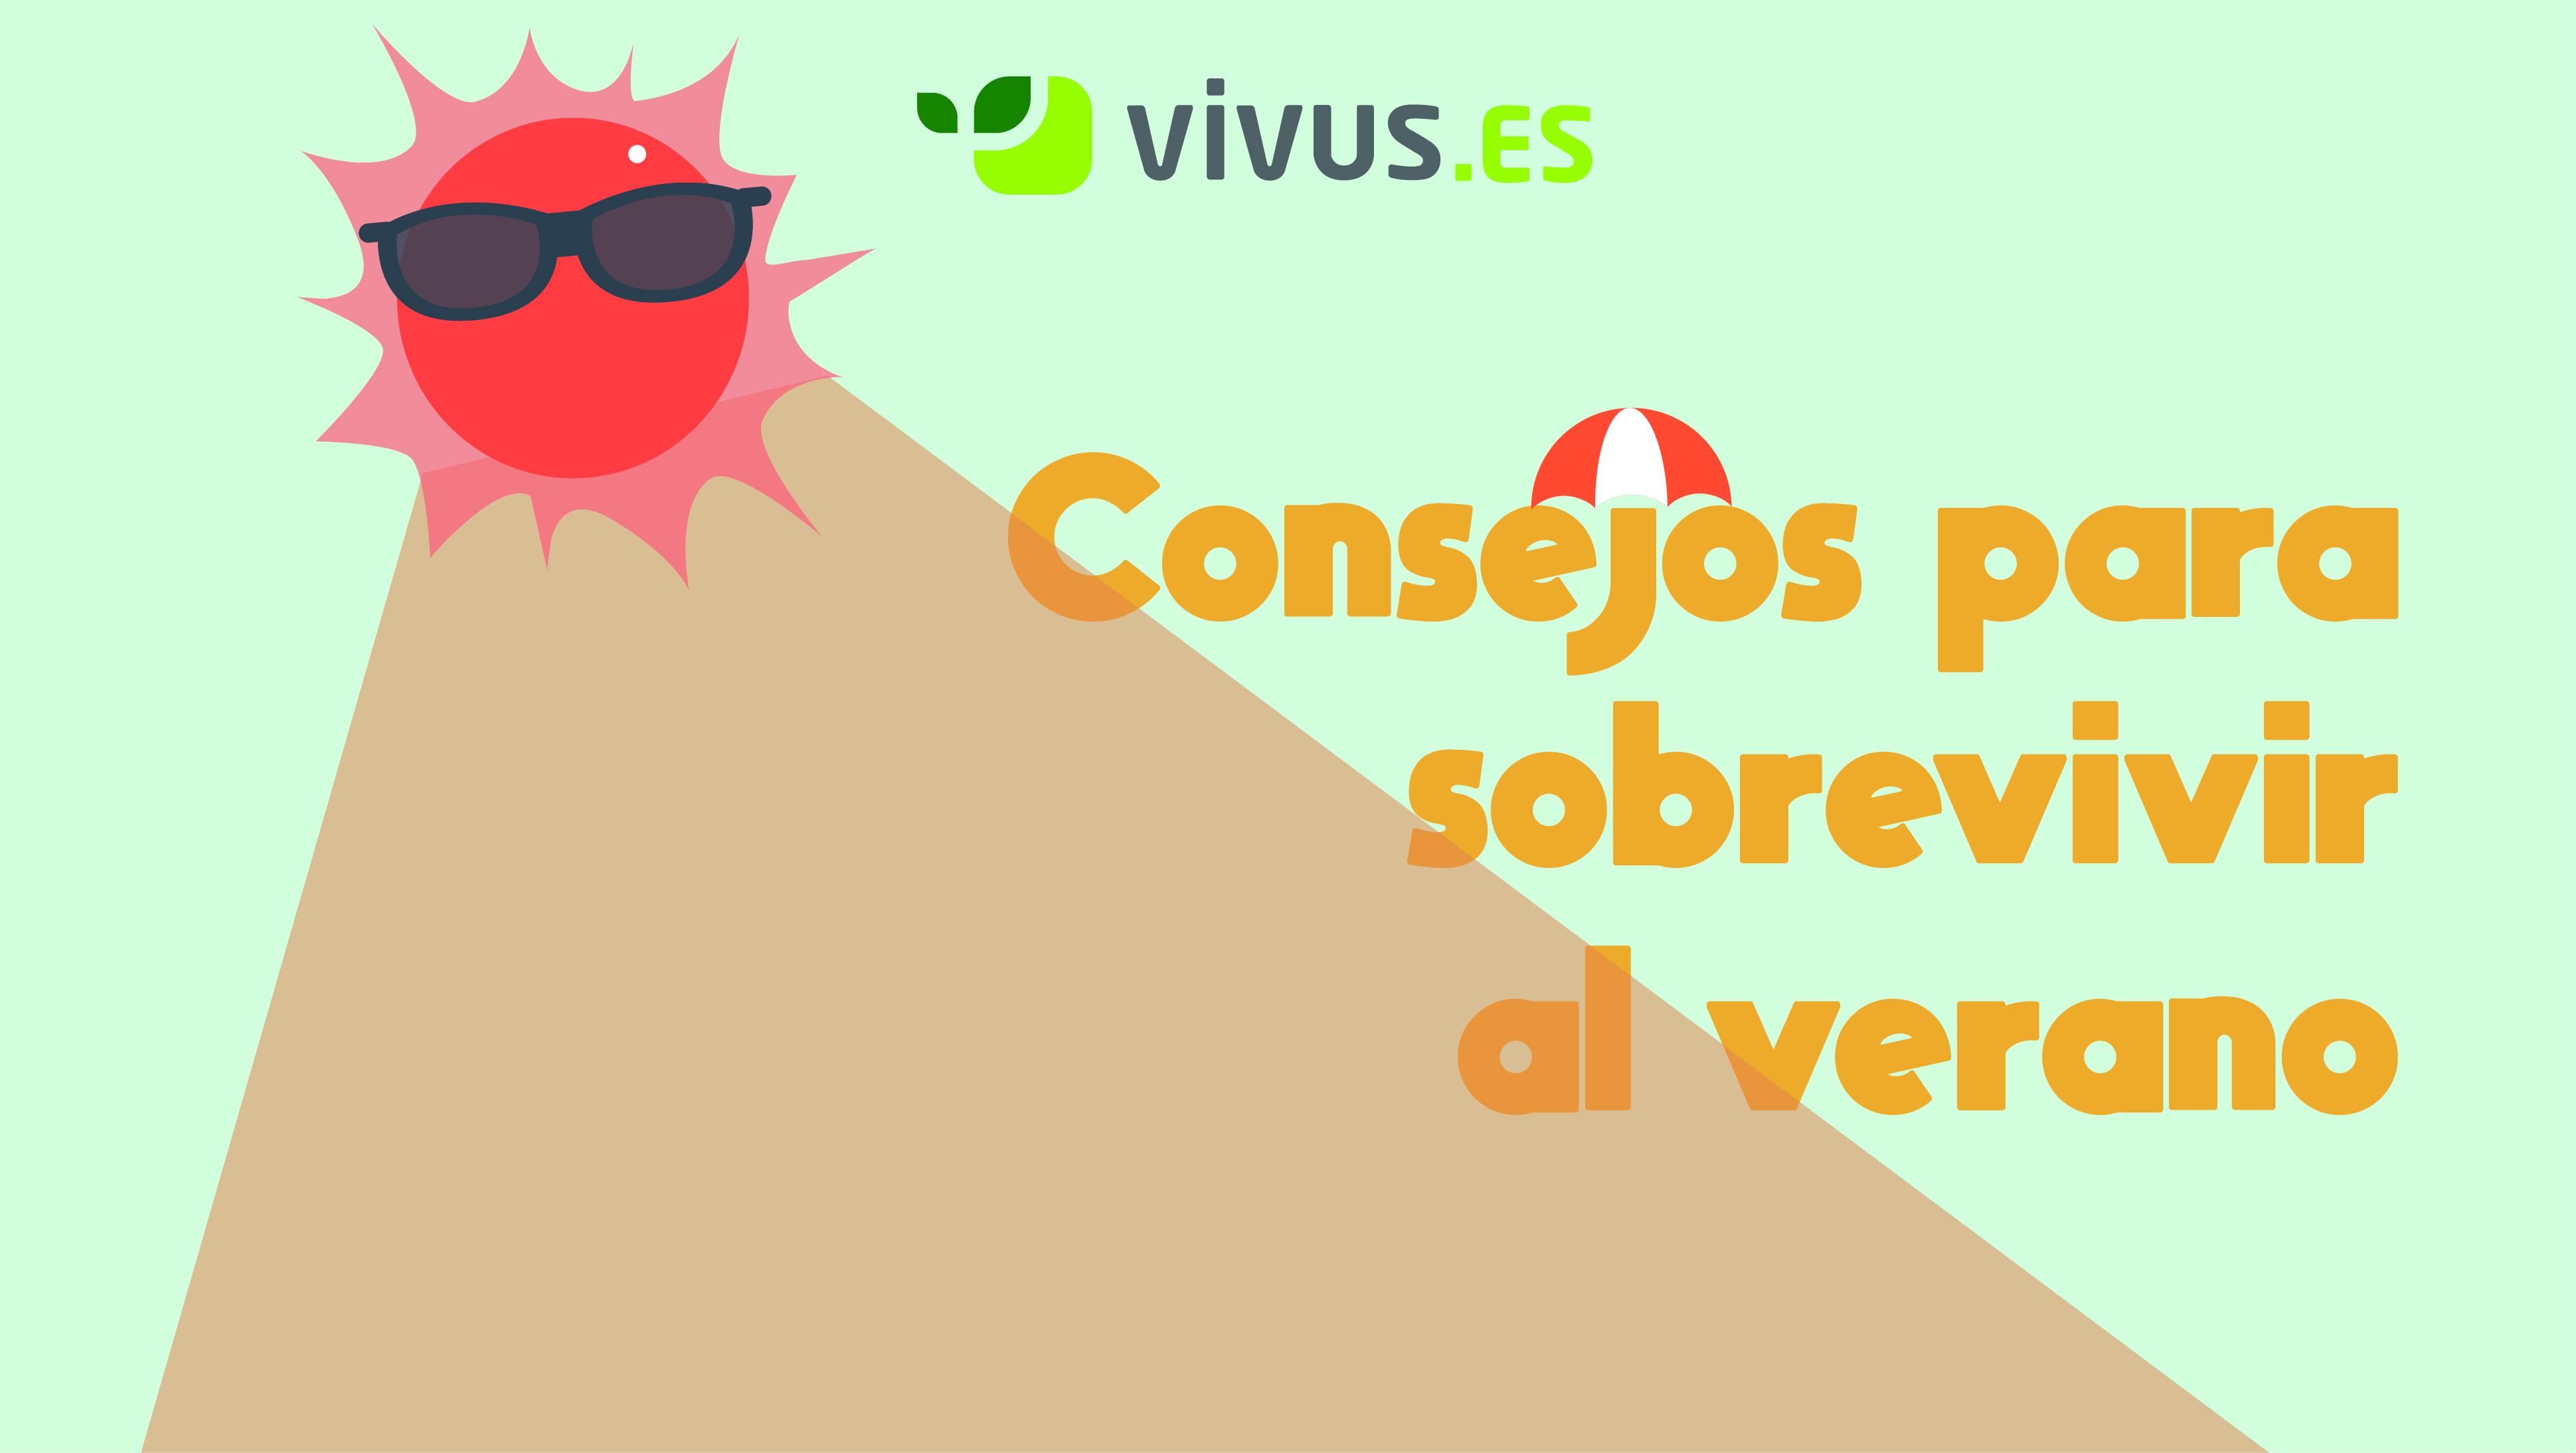 10 consejos de salud para sobrevivir al verano | Vivus.es